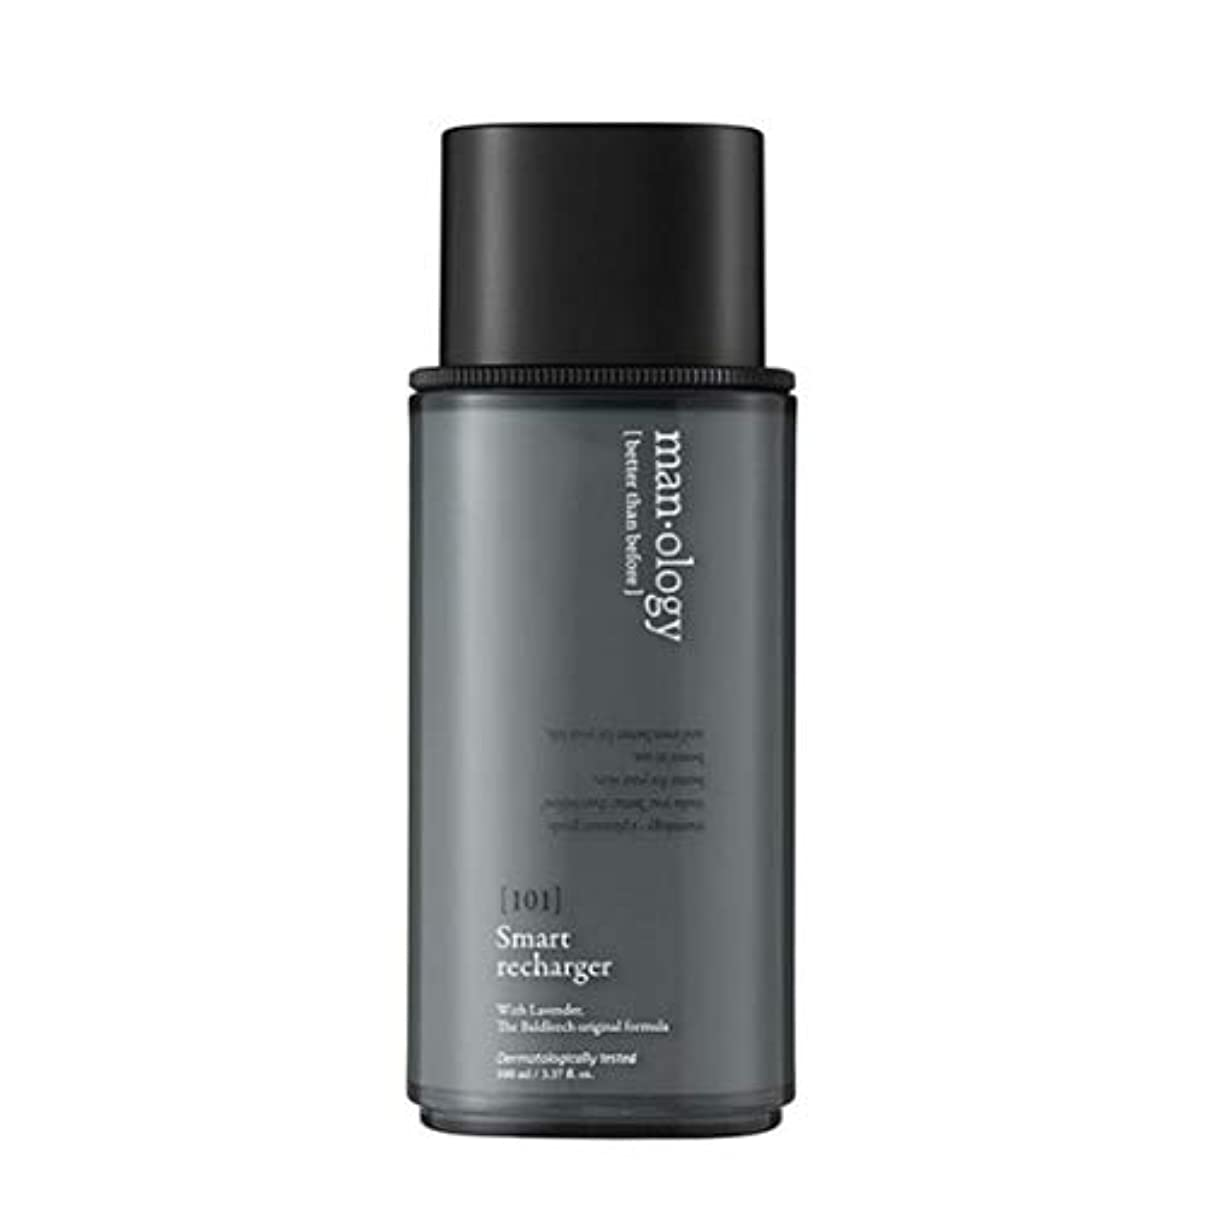 砂のバイオリン理容師ビリープメンオルロッジ101スマートリチャージャー100mlメンズコスメ韓国コスメ、belif Man Ology 101 Smart Recharger 100ml Men's Cosmetics Korean Cosmetics [並行輸入品]